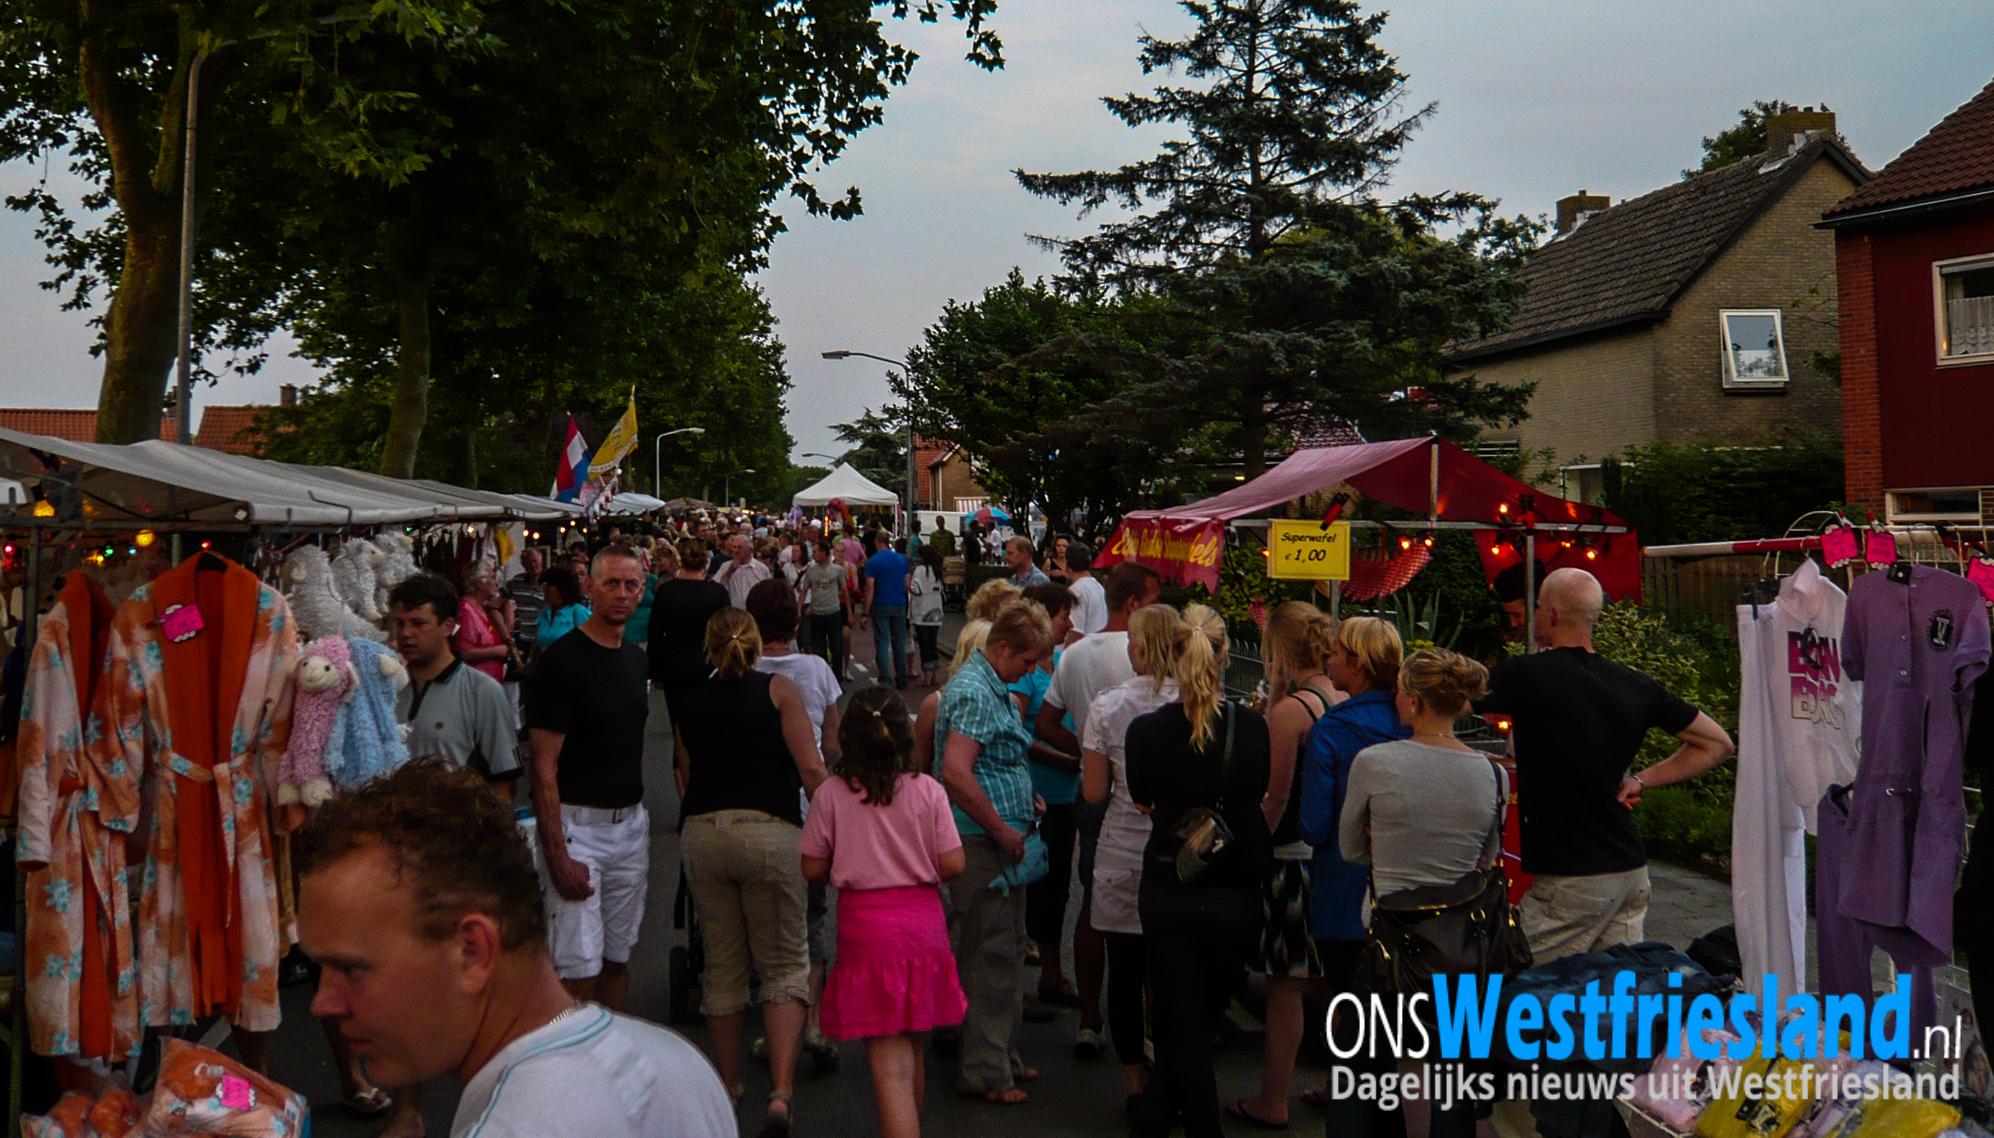 29 juli Andijker Nachtmarkt: Eerst kraampies koike en den mooi anzitte